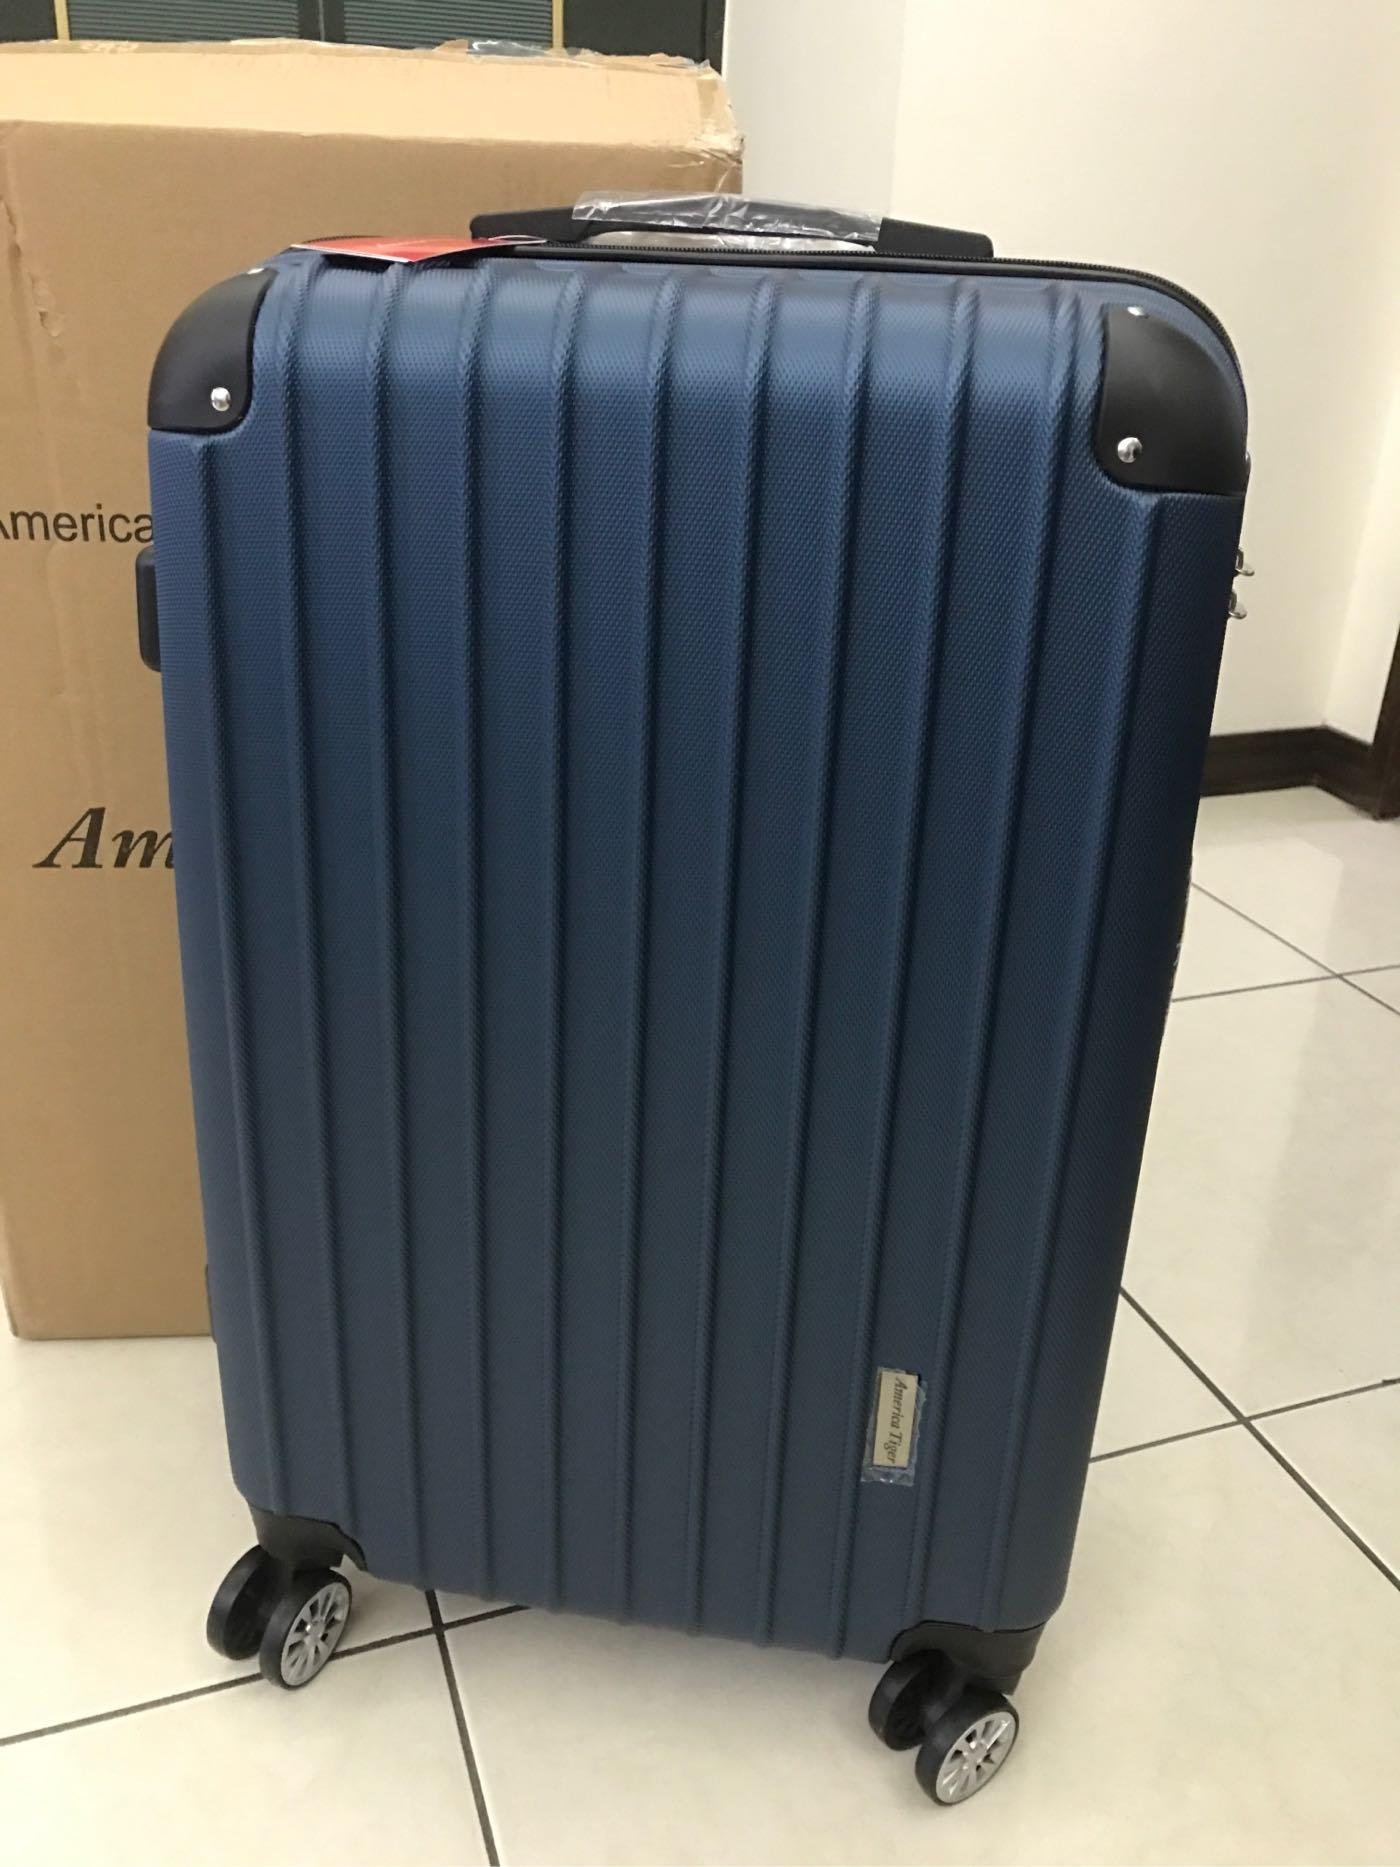 全新~America Tiger 24吋晶亮行李箱 !(桃園市自取或面交)